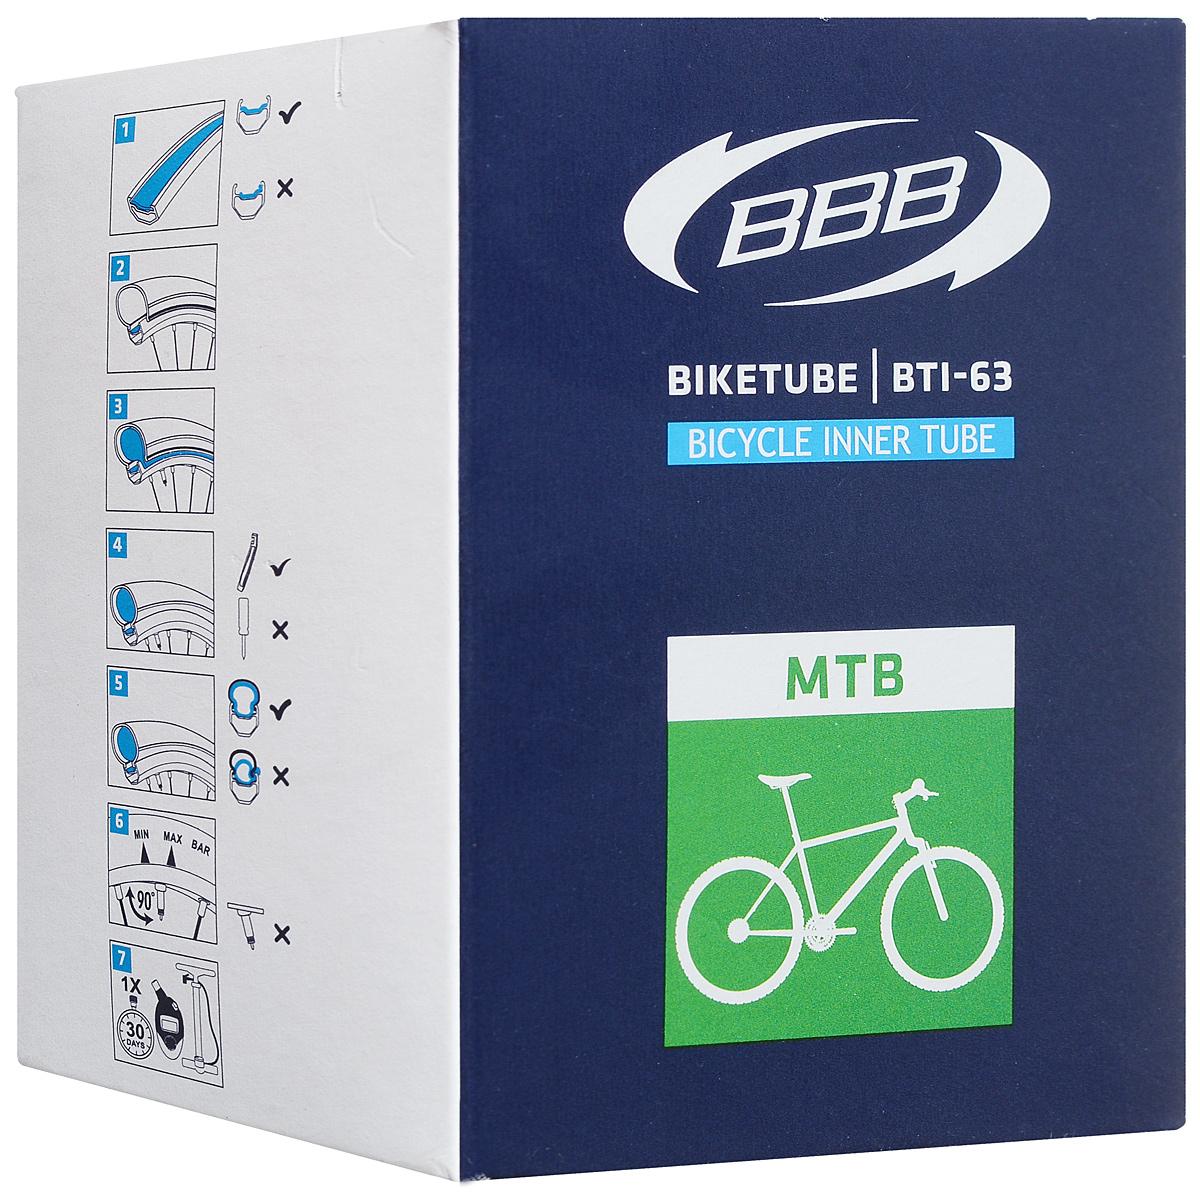 Велокамера BBB 26 in 1,9/2,125 AV. BTI-63